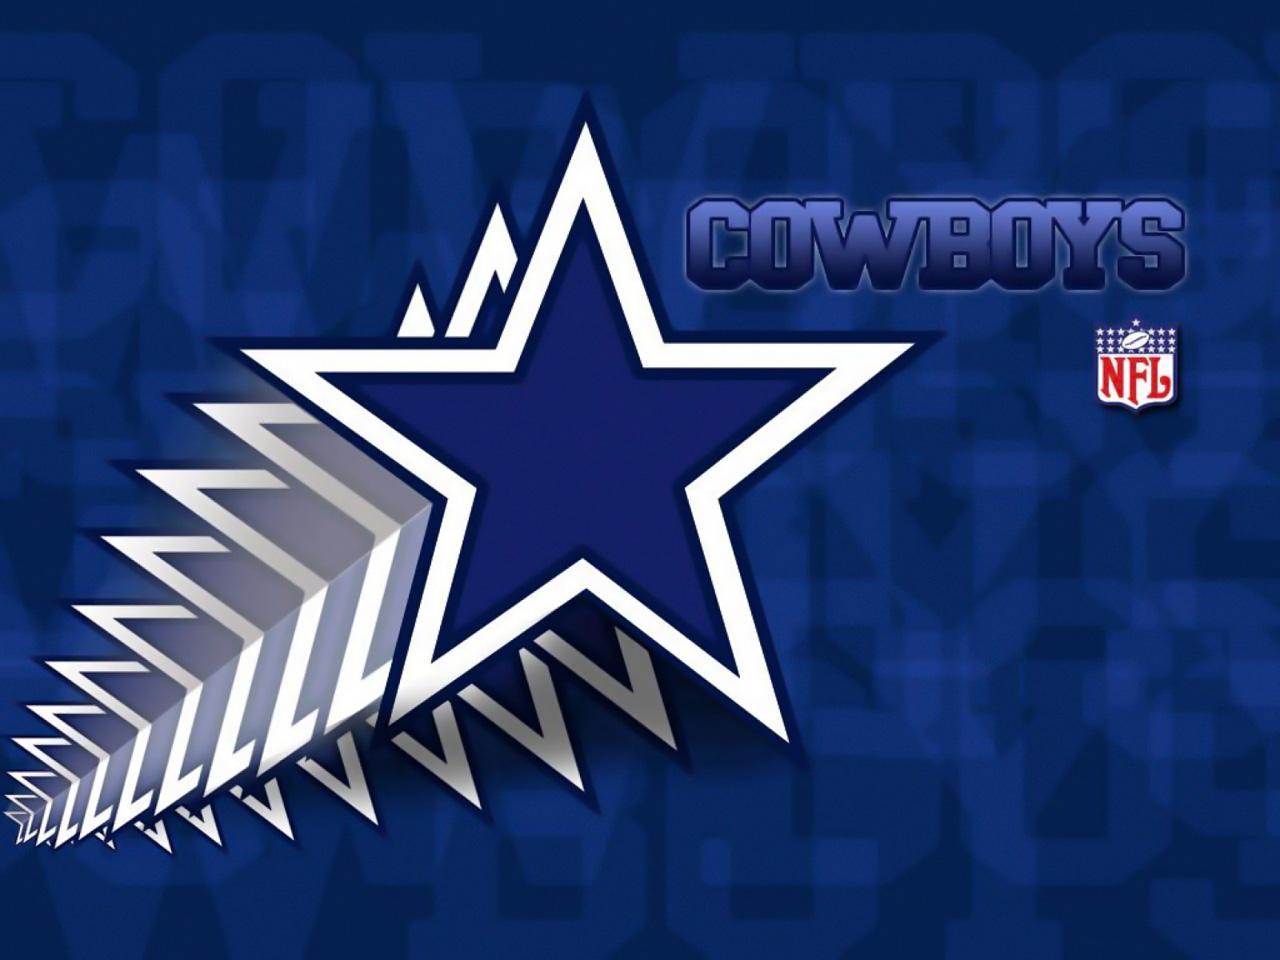 Dallas Cowboys background image Dallas Cowboys wallpapers 1280x960